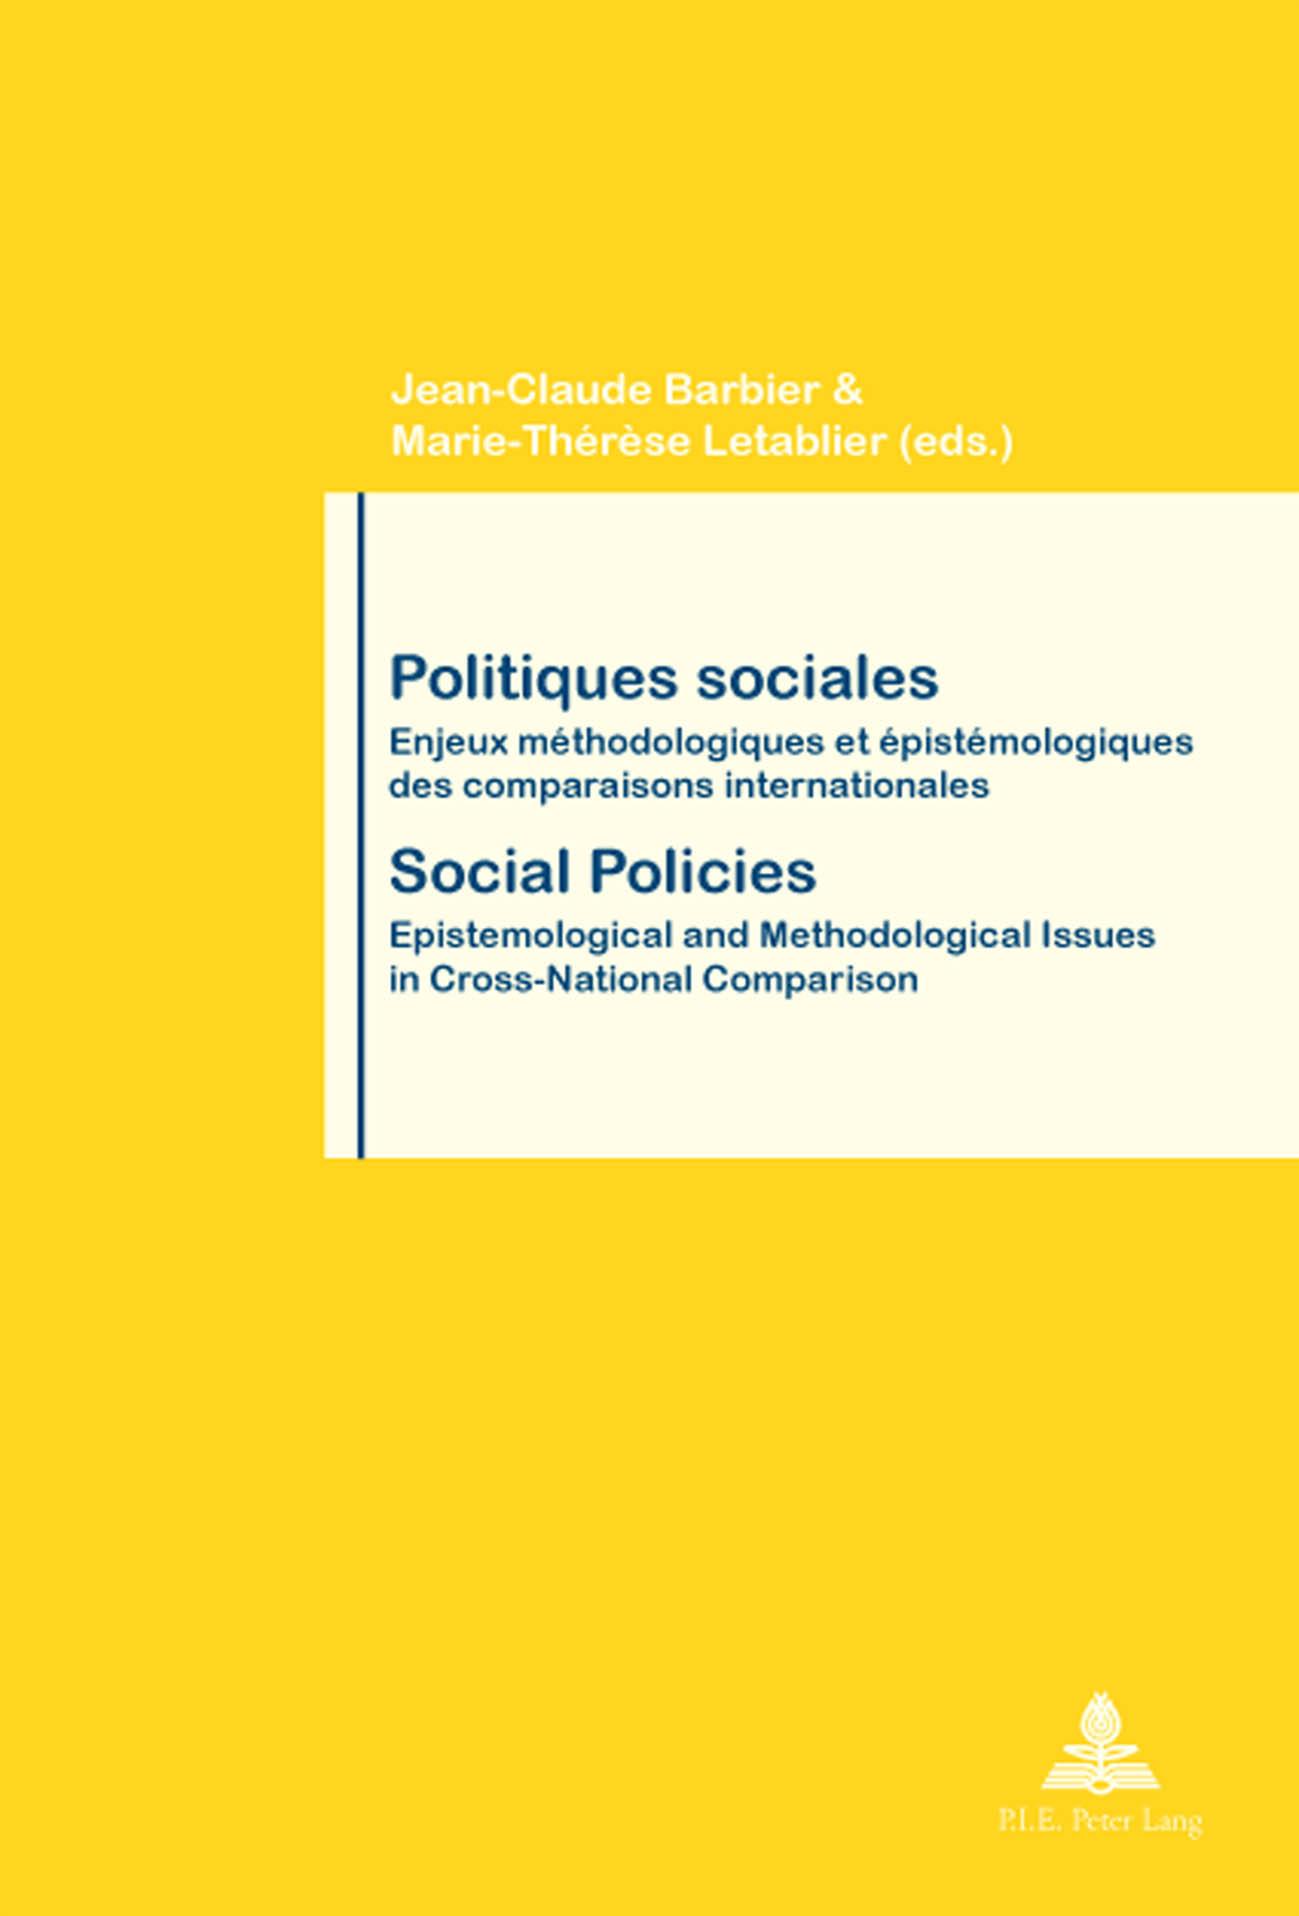 POLITIQUES SOCIALES/ SOCIAL POLICIES